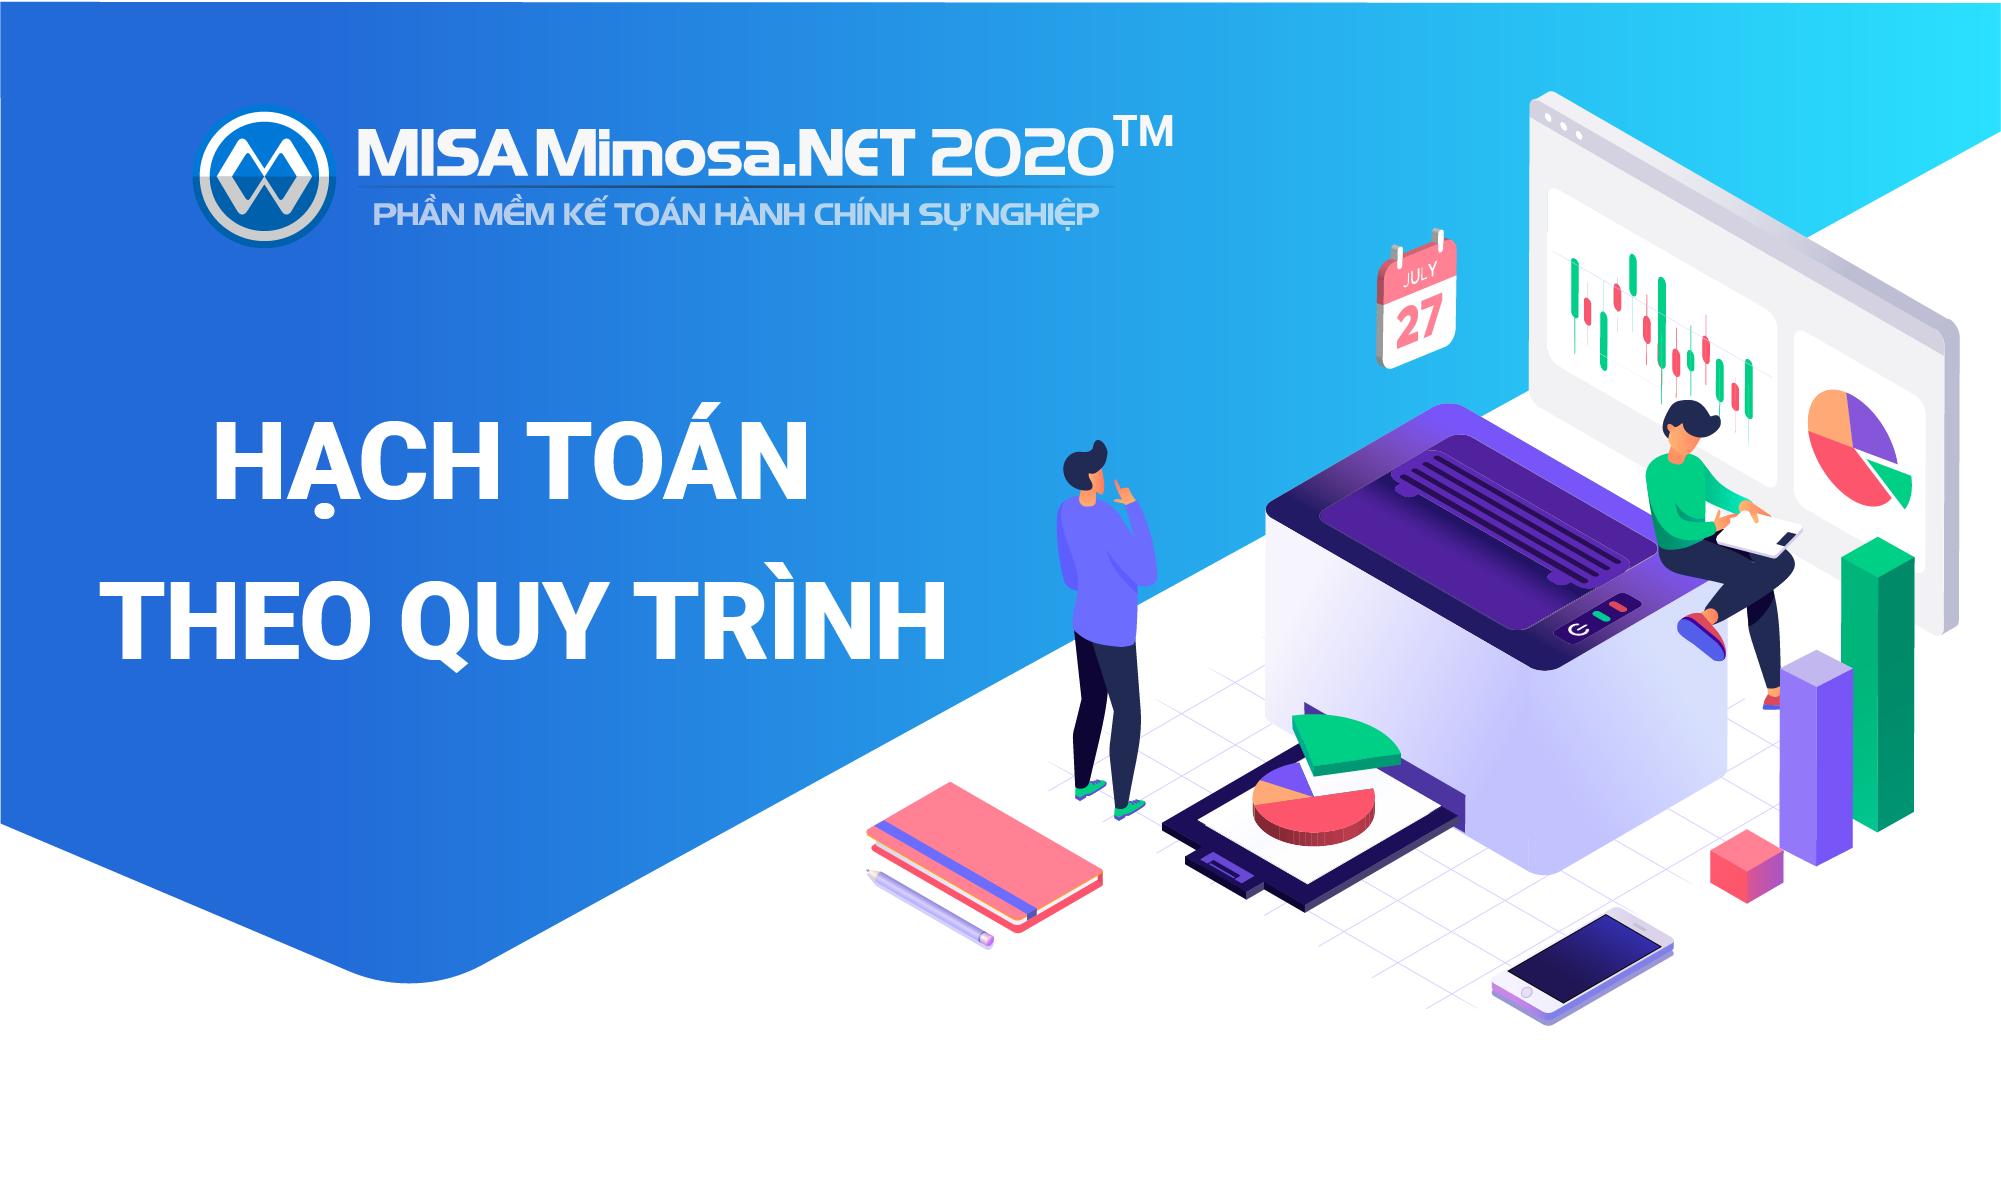 Hướng dẫn hạch toán theo quy trình trên phần mềm kế toán hành chính sự nghiệp MISA Mimosa.NET